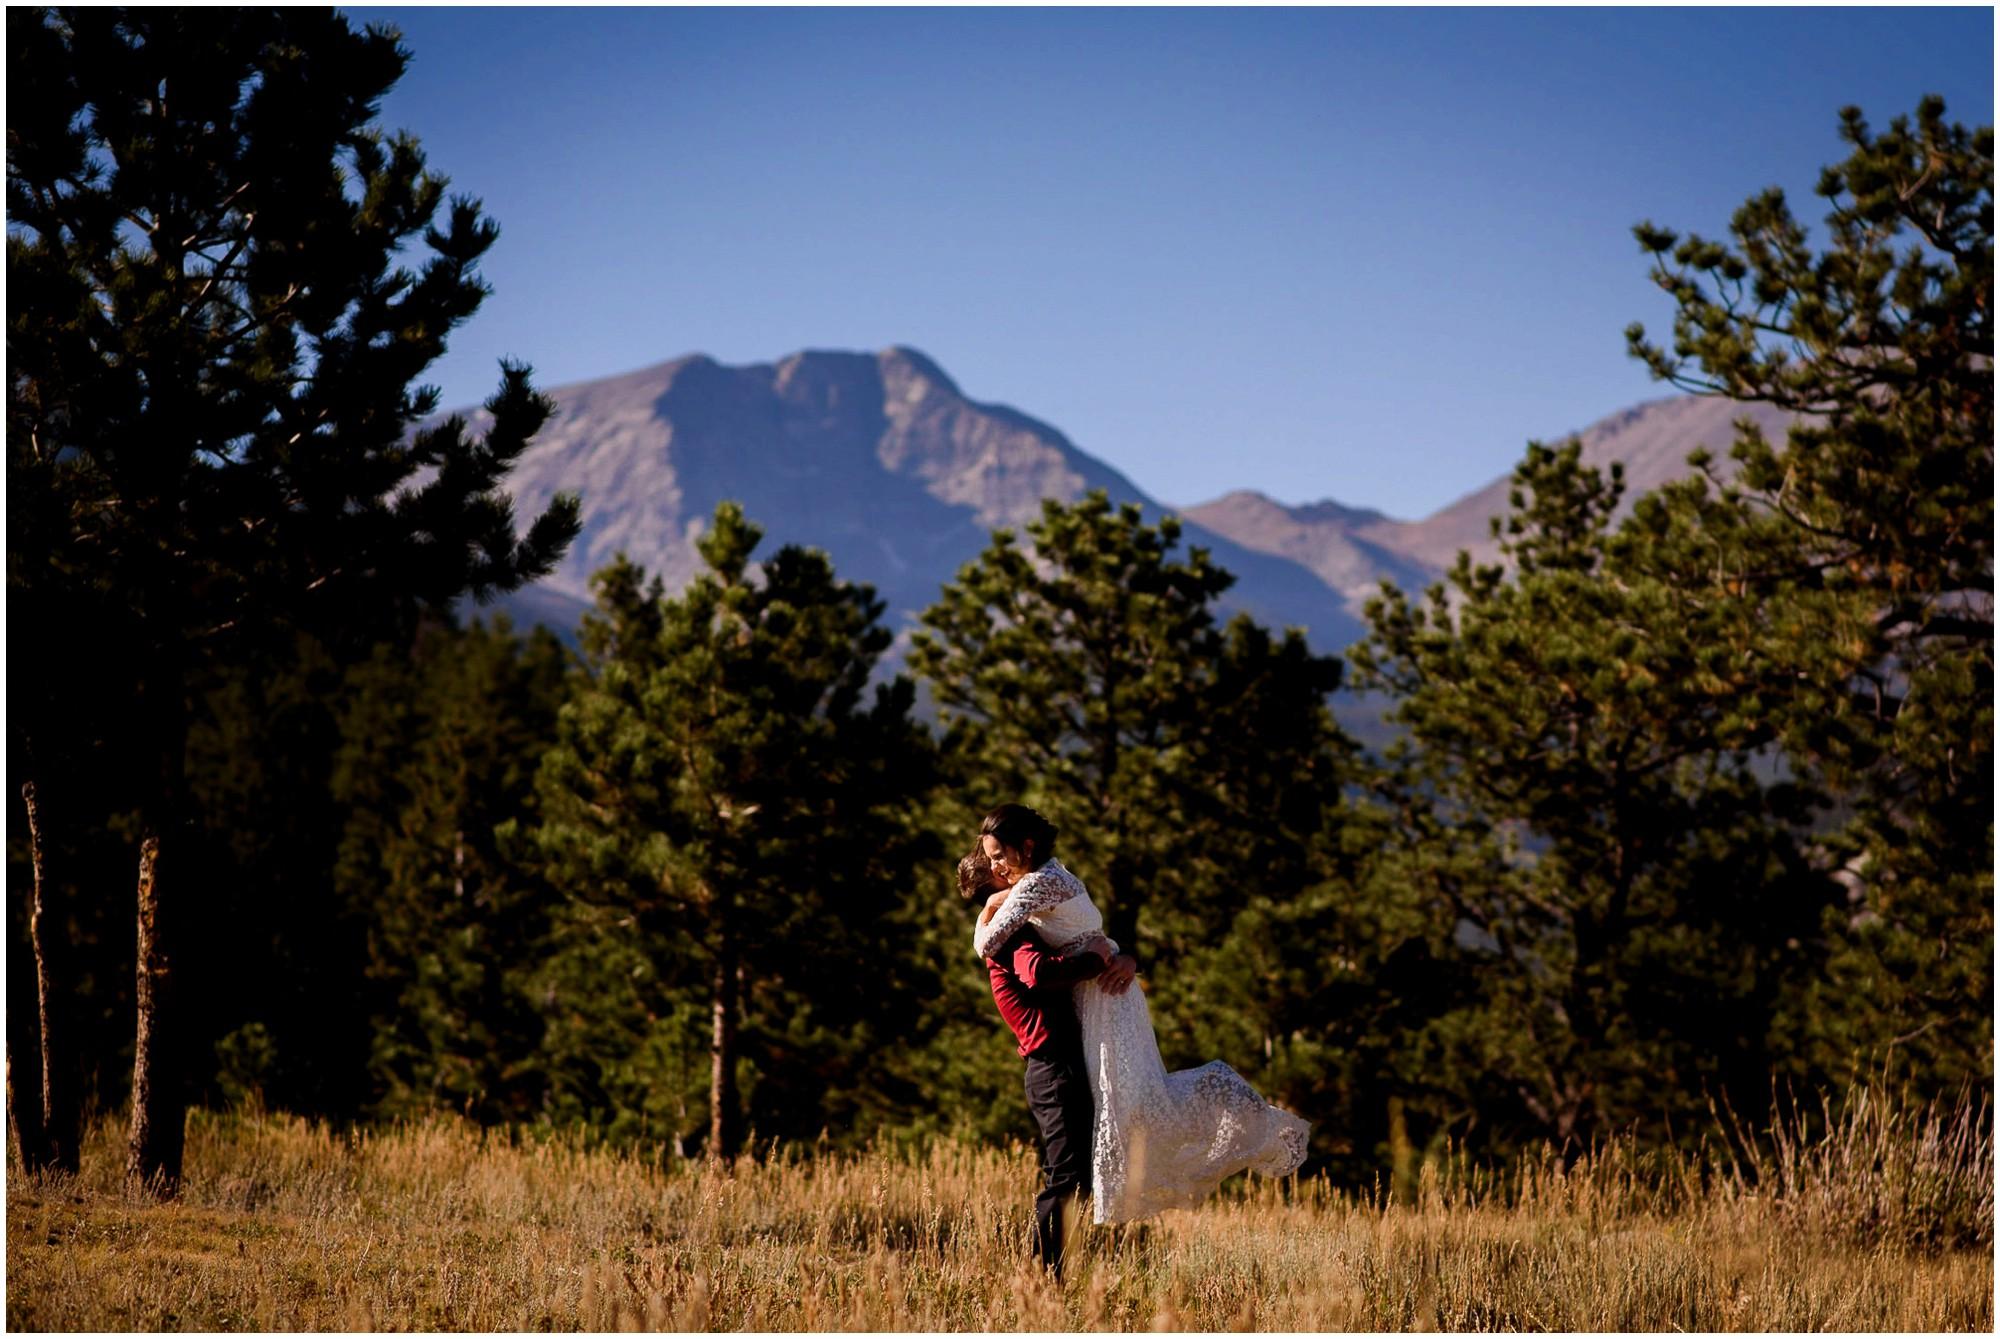 Bride and Groom hug in Colorado Mountain Meadow at Deer Junction